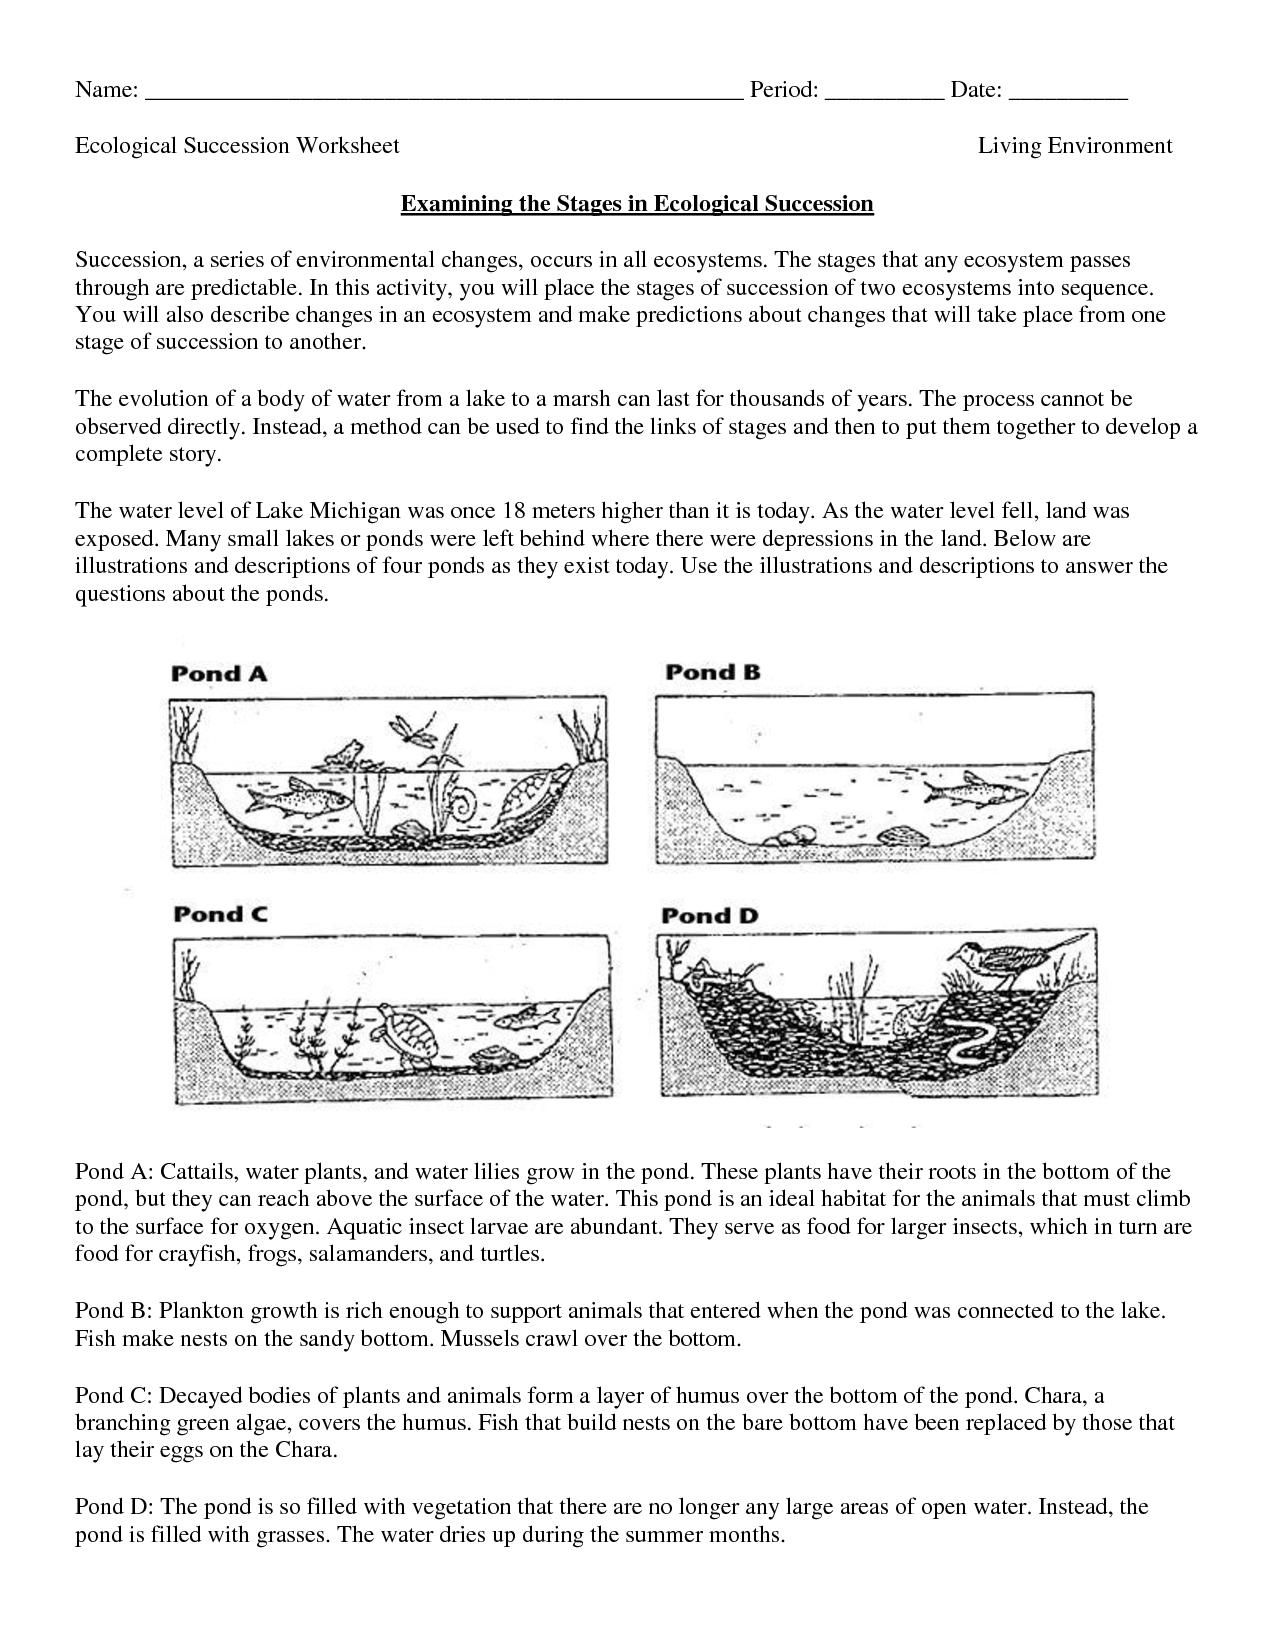 Science Worksheets Ecosystem | Biology Worksheet - Get Now Doc - Free Printable Biology Worksheets For High School